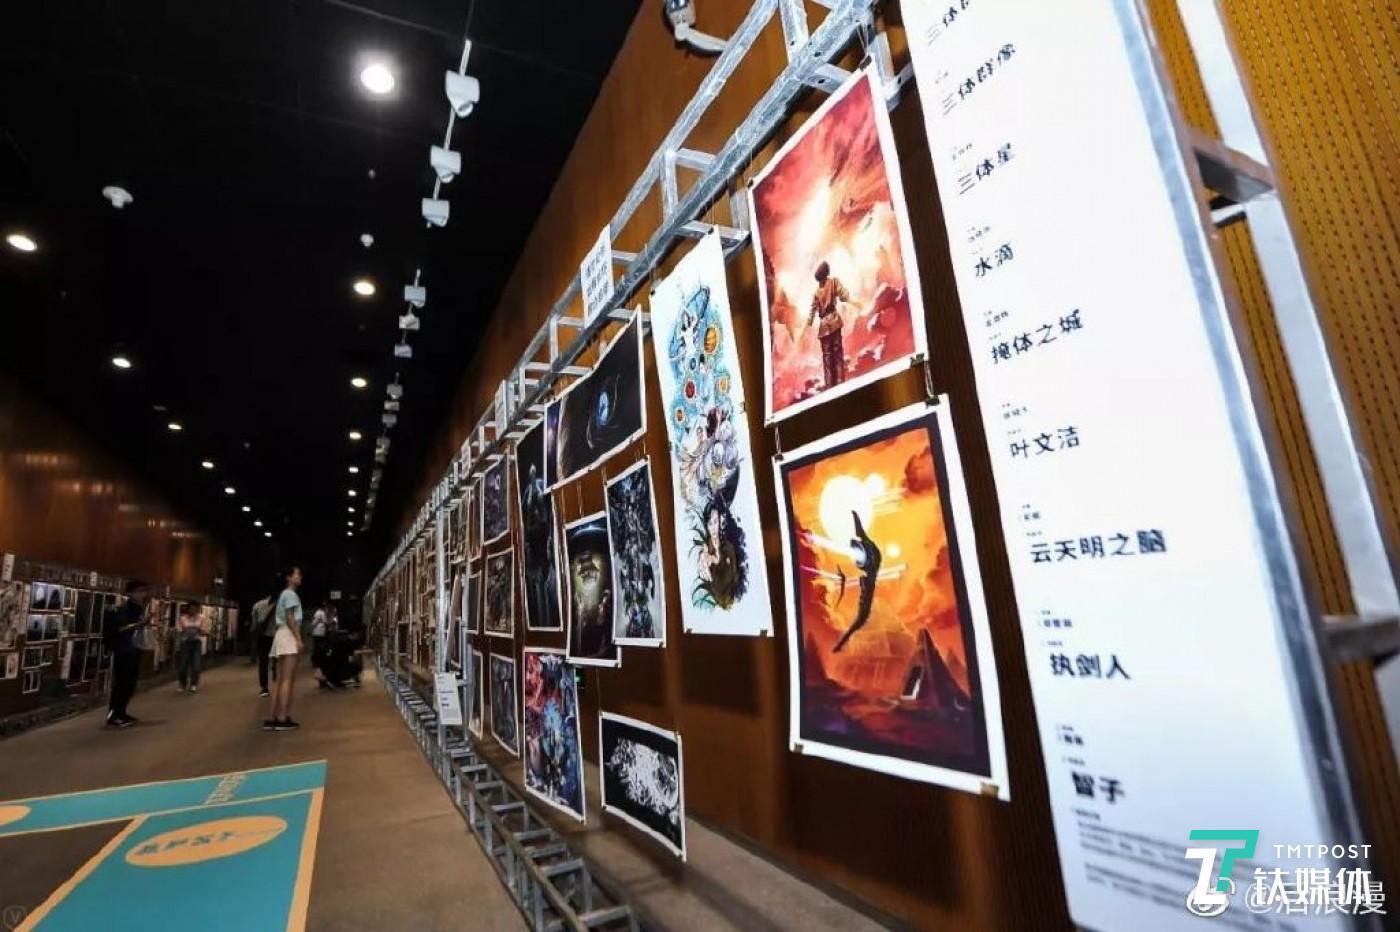 """""""另一颗星球""""科幻大会上由三体艺术插画组成的""""未来画廊"""""""